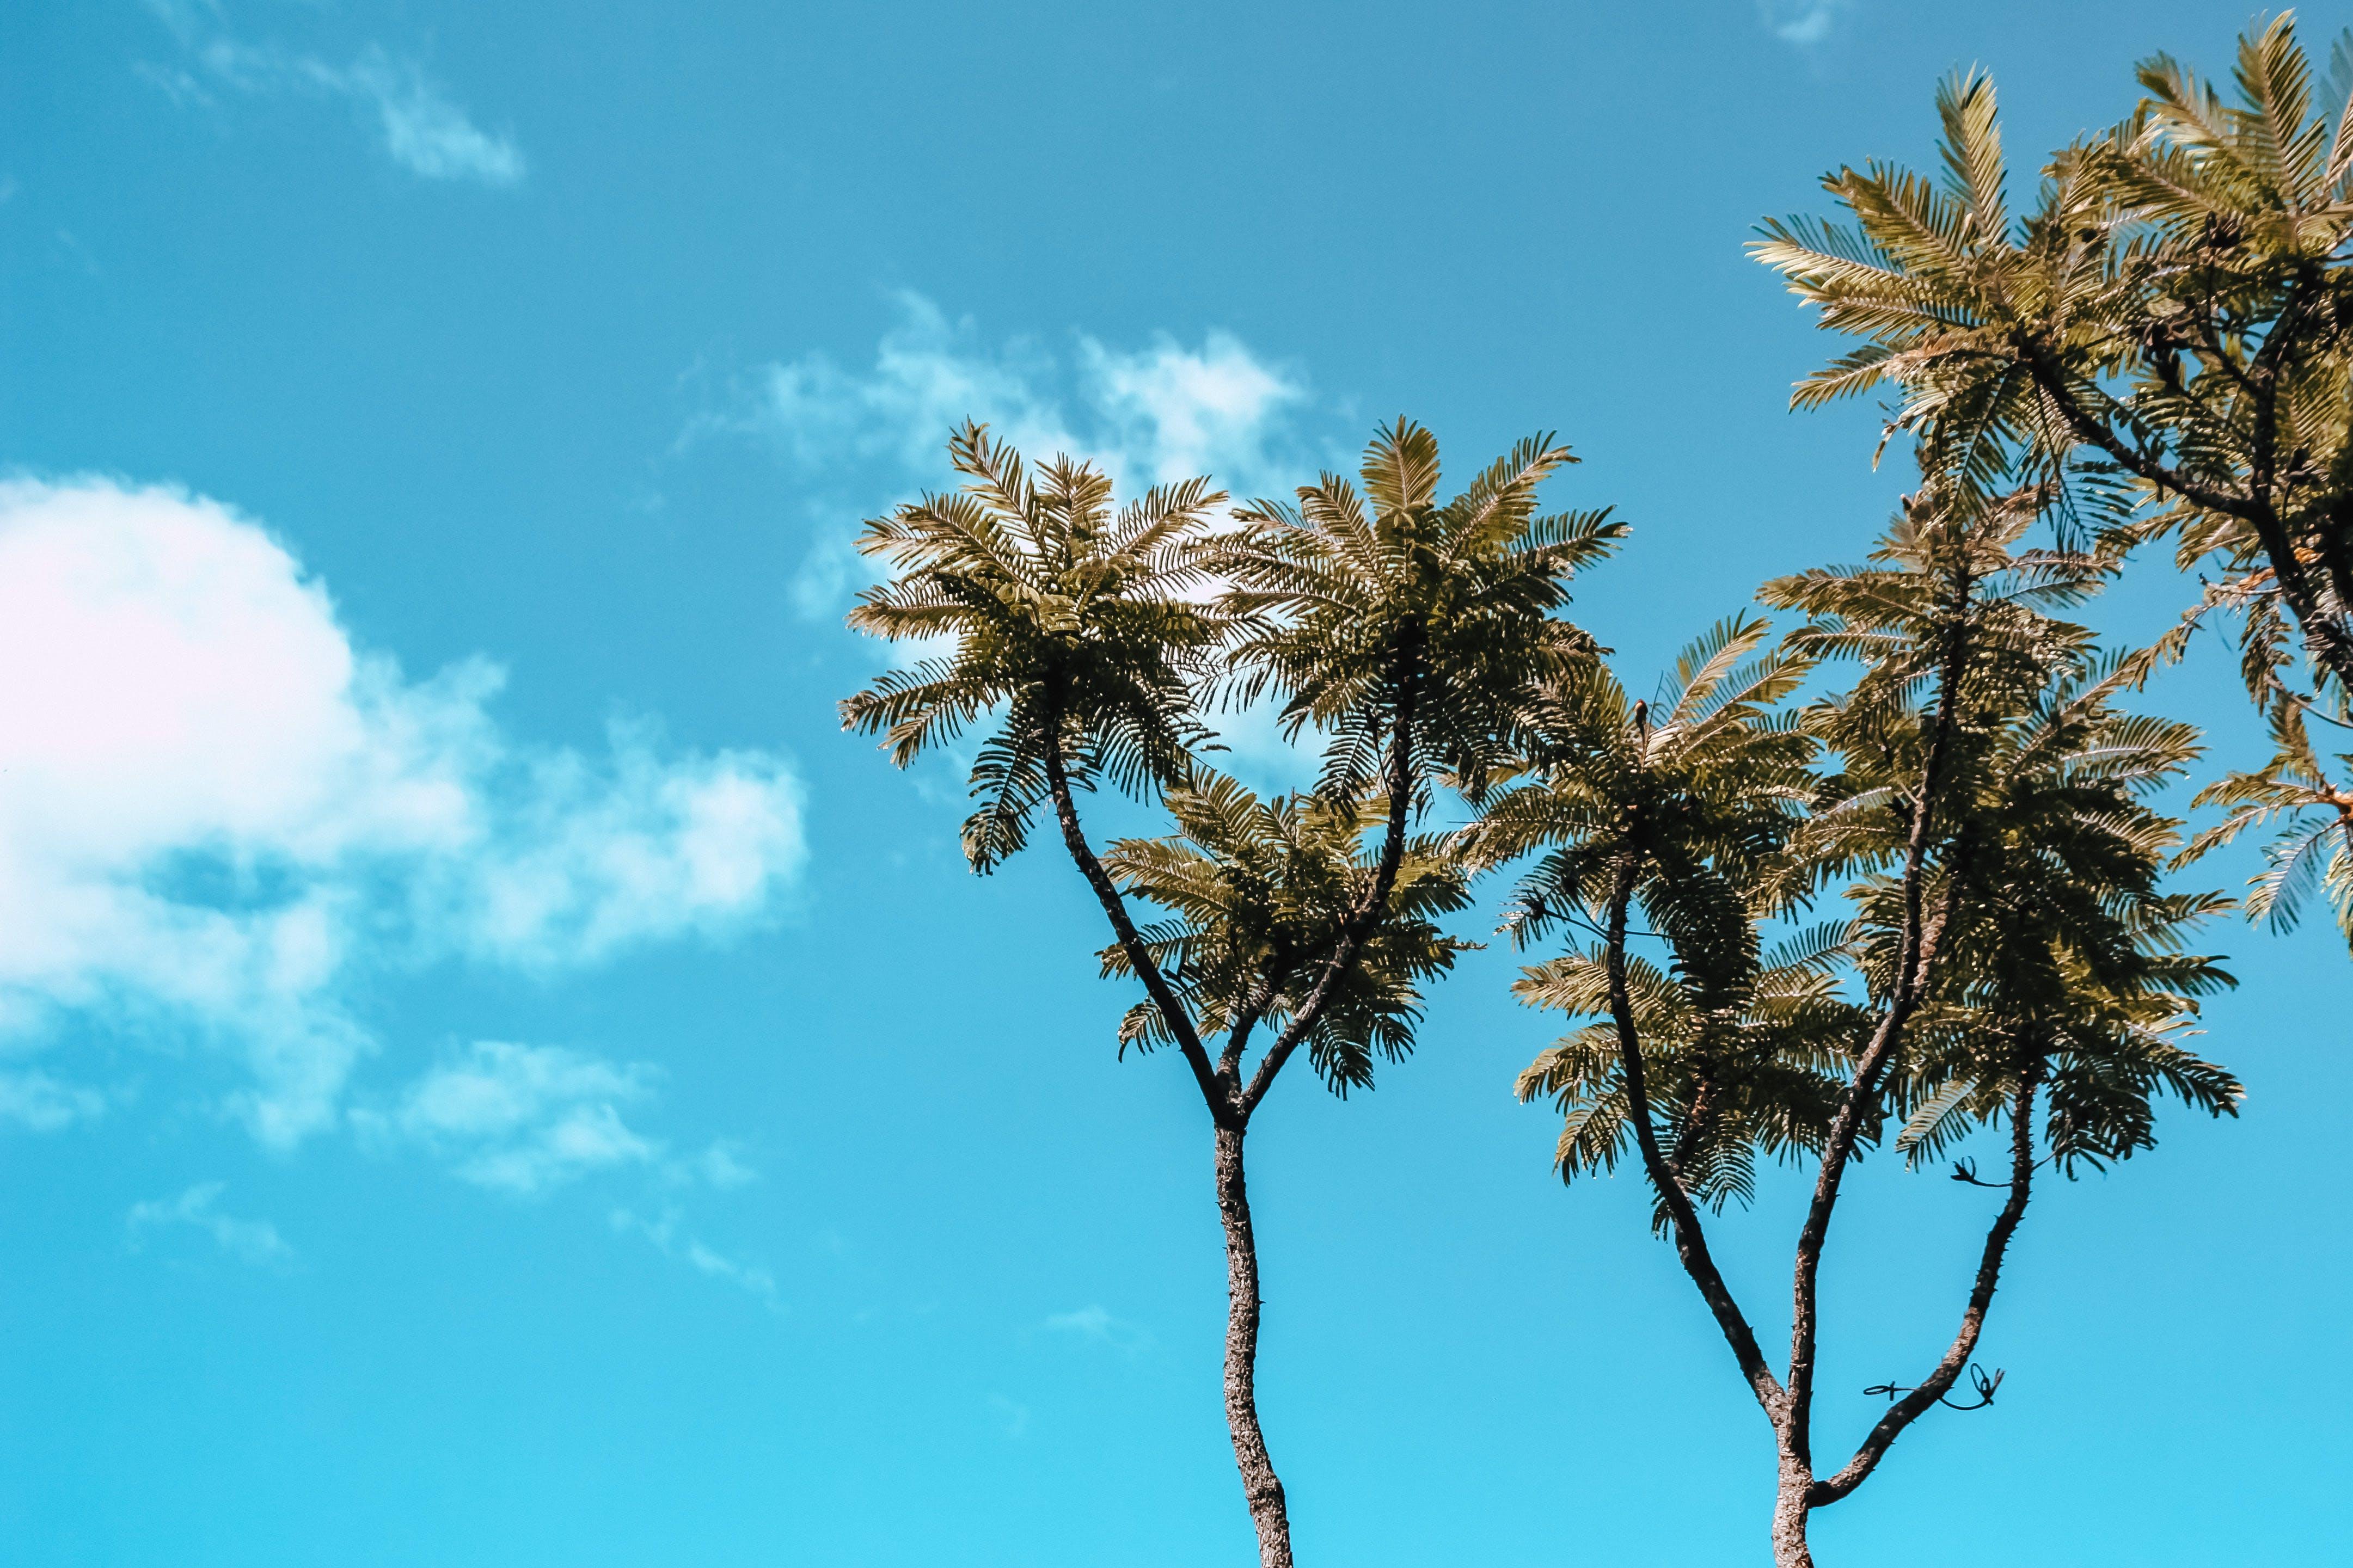 Kostenloses Stock Foto zu himmel, bäume, perspektive, tageslicht